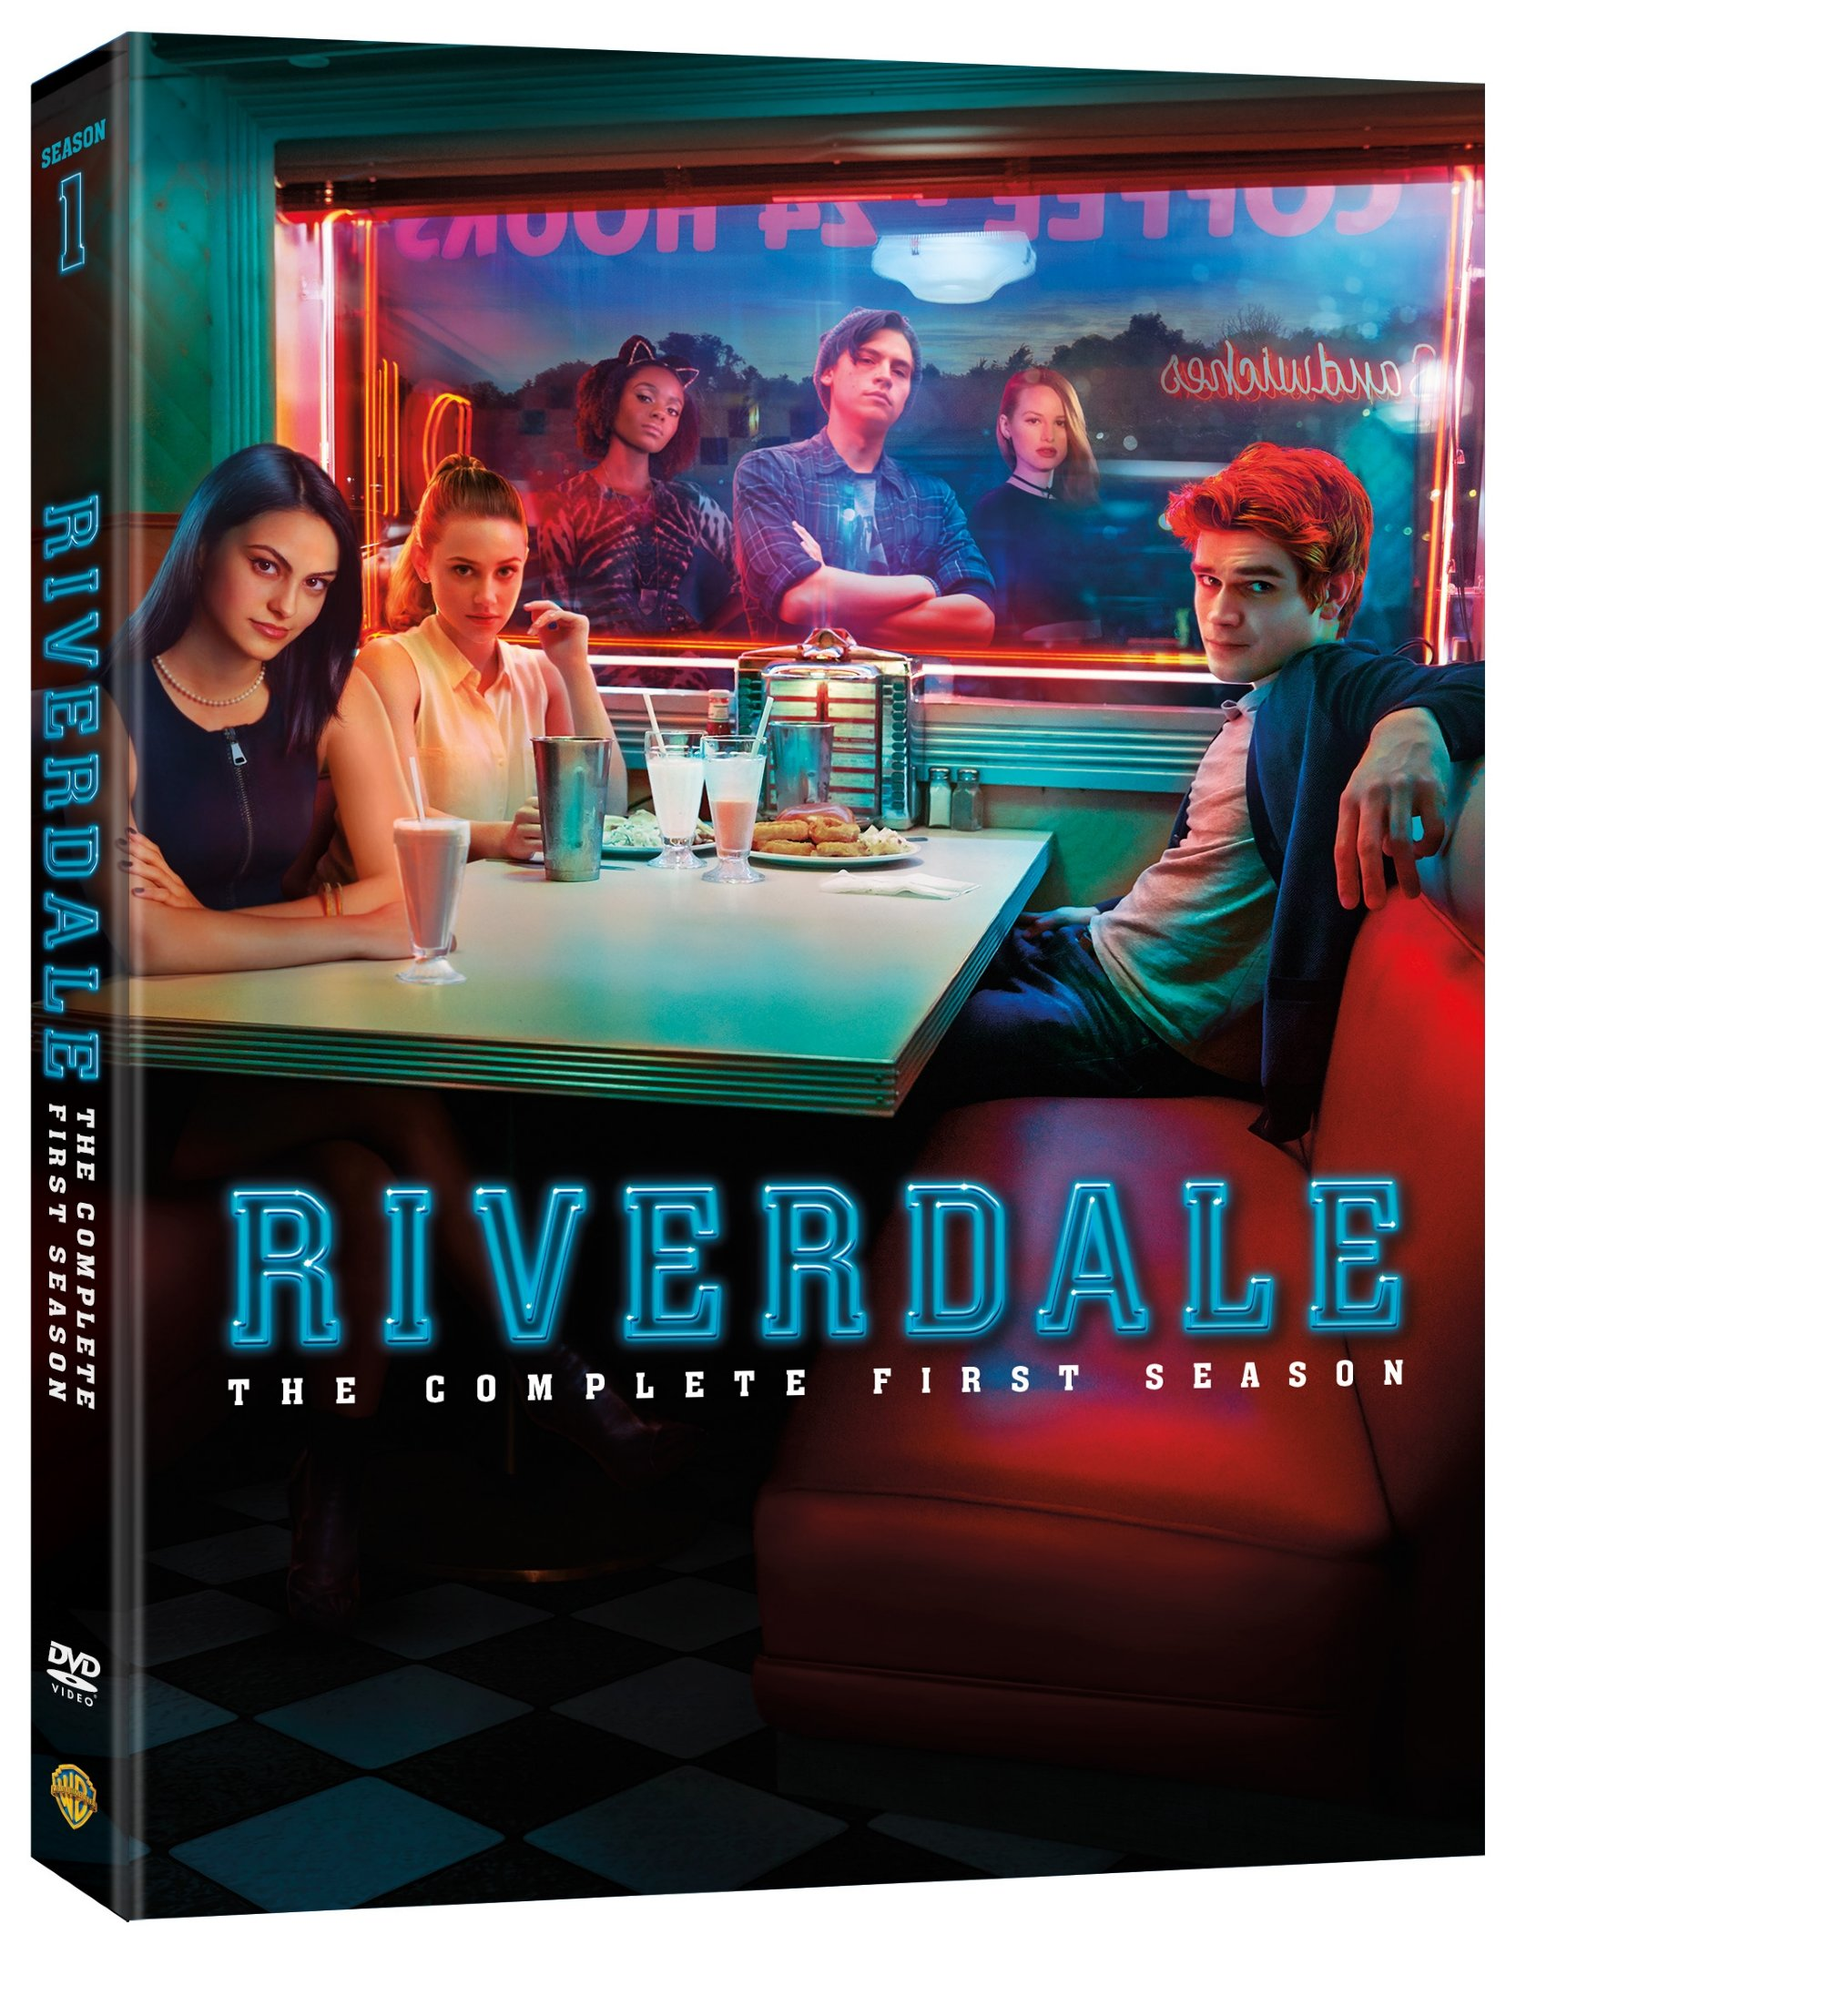 Riverdale Dvd